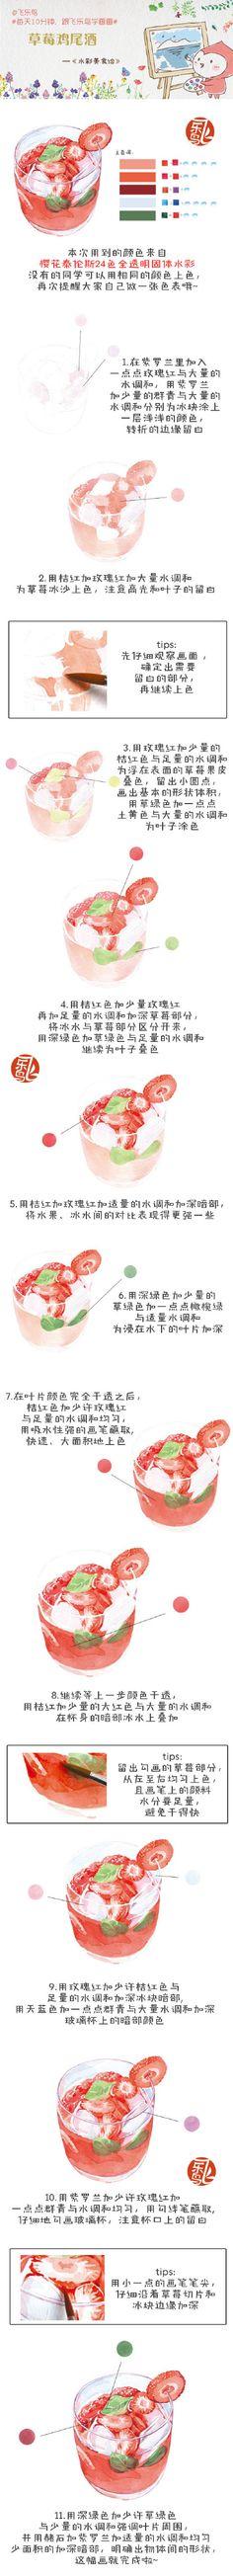 飛樂鳥的微博 (第22頁) - 微博台灣站